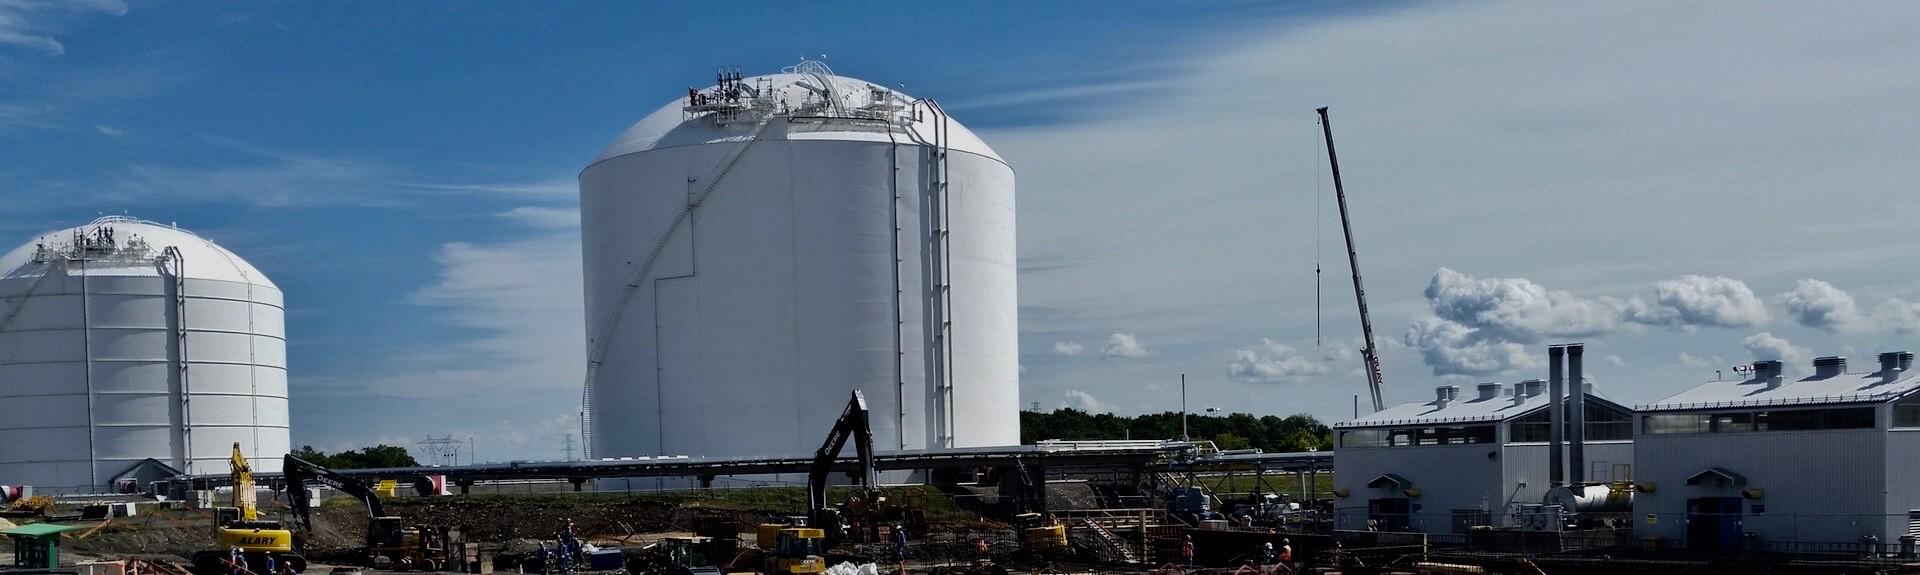 Vue d'un silo sur un chantier de construction dans le secteur de l'énergie